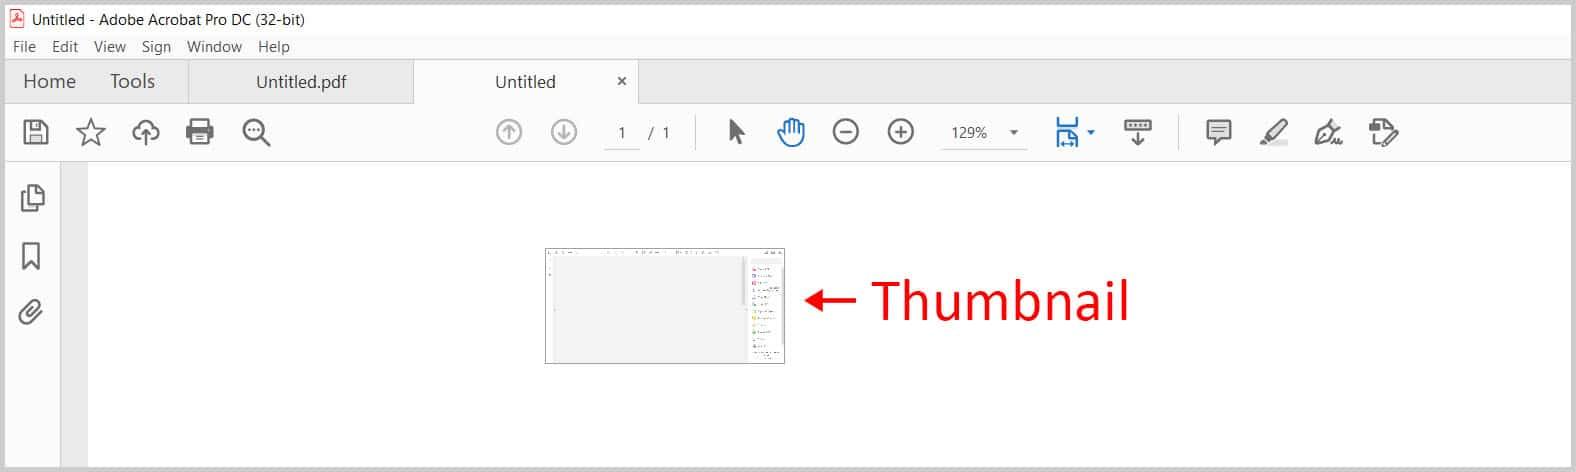 Tab thumbnail in Adobe Acrobat